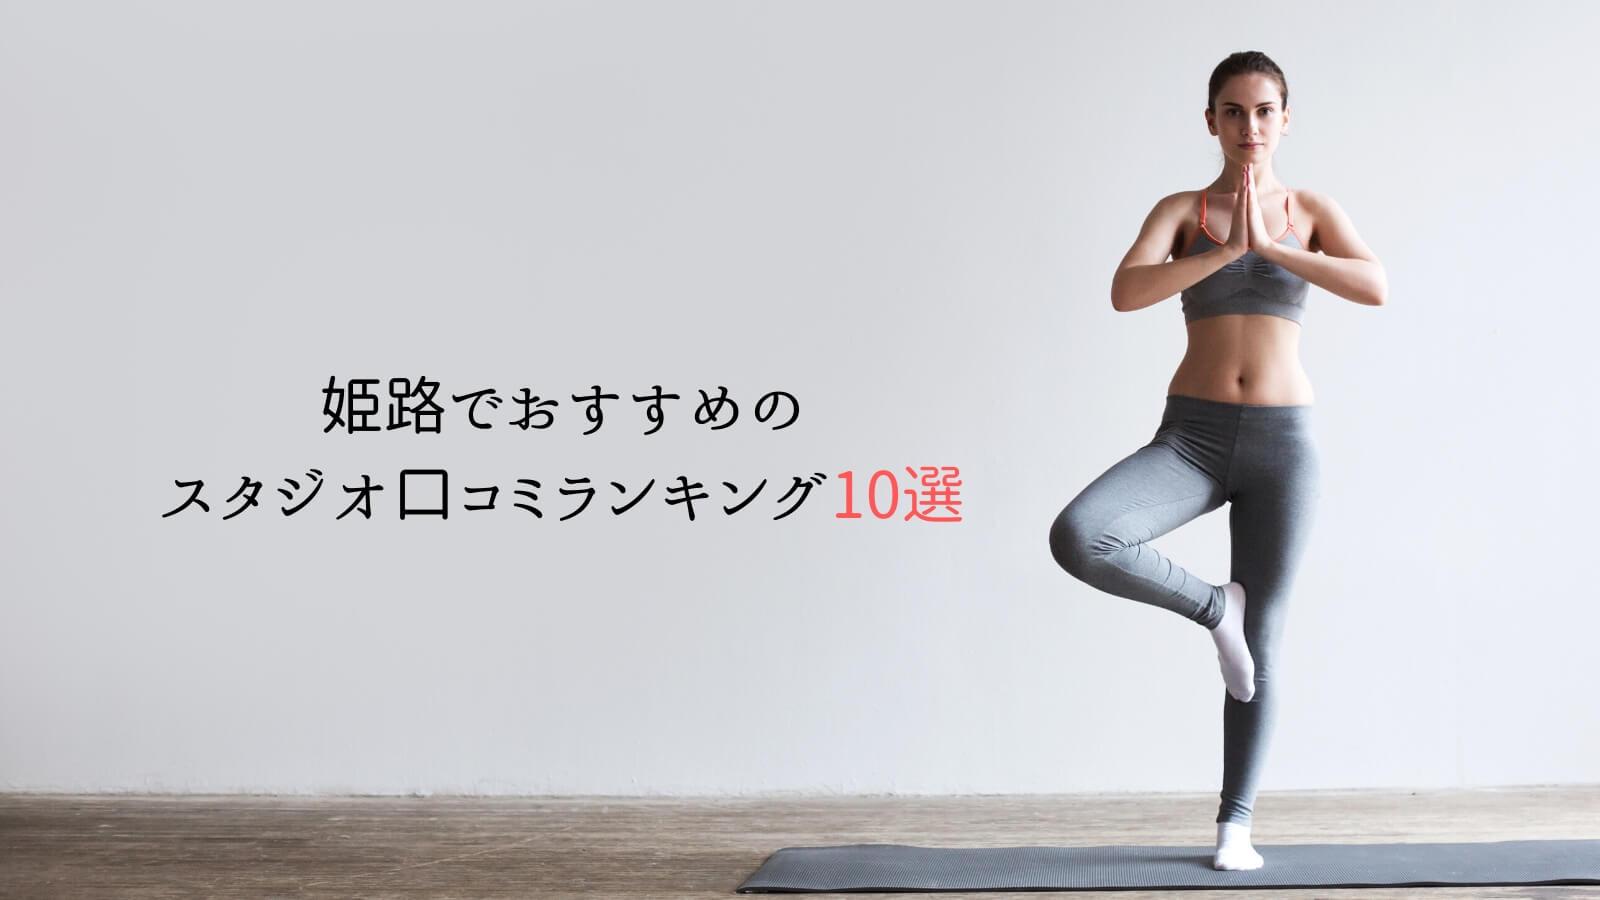 姫路でおすすめのヨガ・ホットヨガスタジオ口コミランキング10選